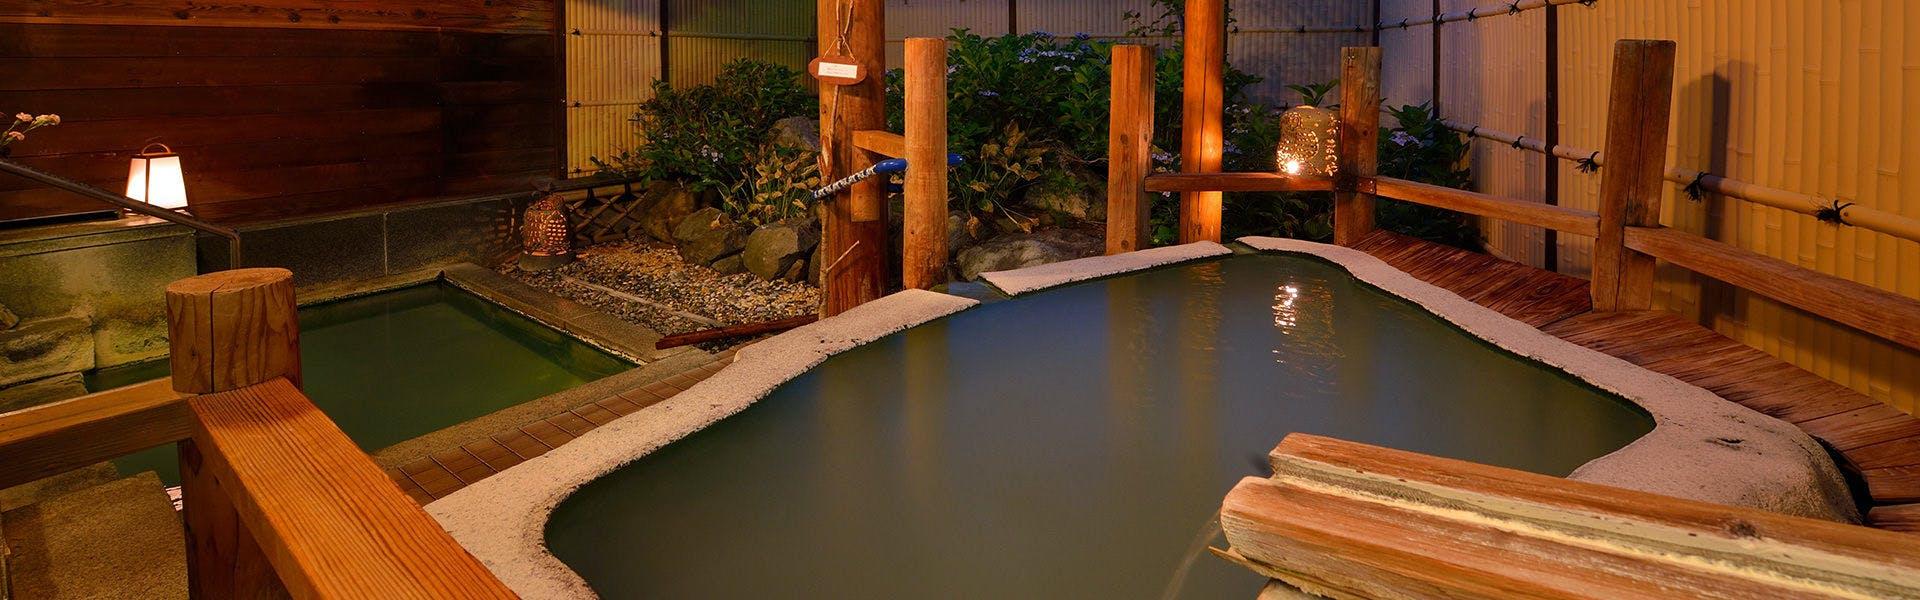 記念日におすすめのホテル・蔵王温泉 和歌(うた)の宿 わかまつやの写真3